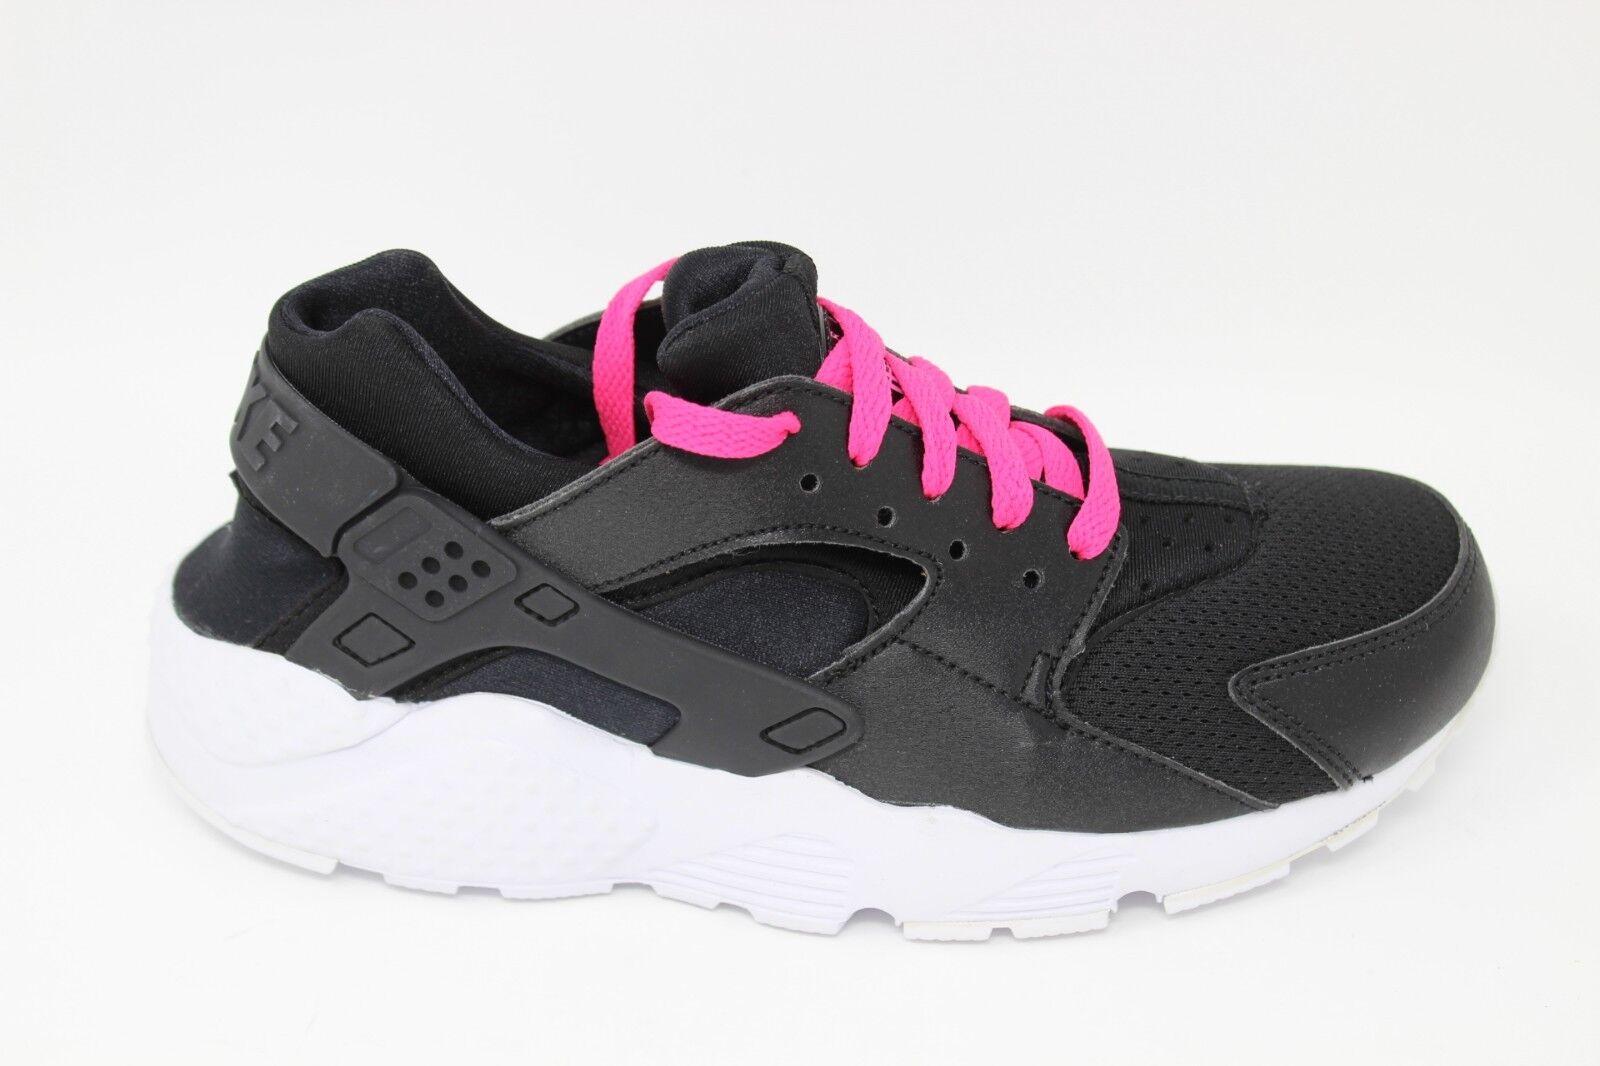 98dce5ba37 Nike Huarache Run Running Walking Training Boys Girls Shoes 7 Y GS ...